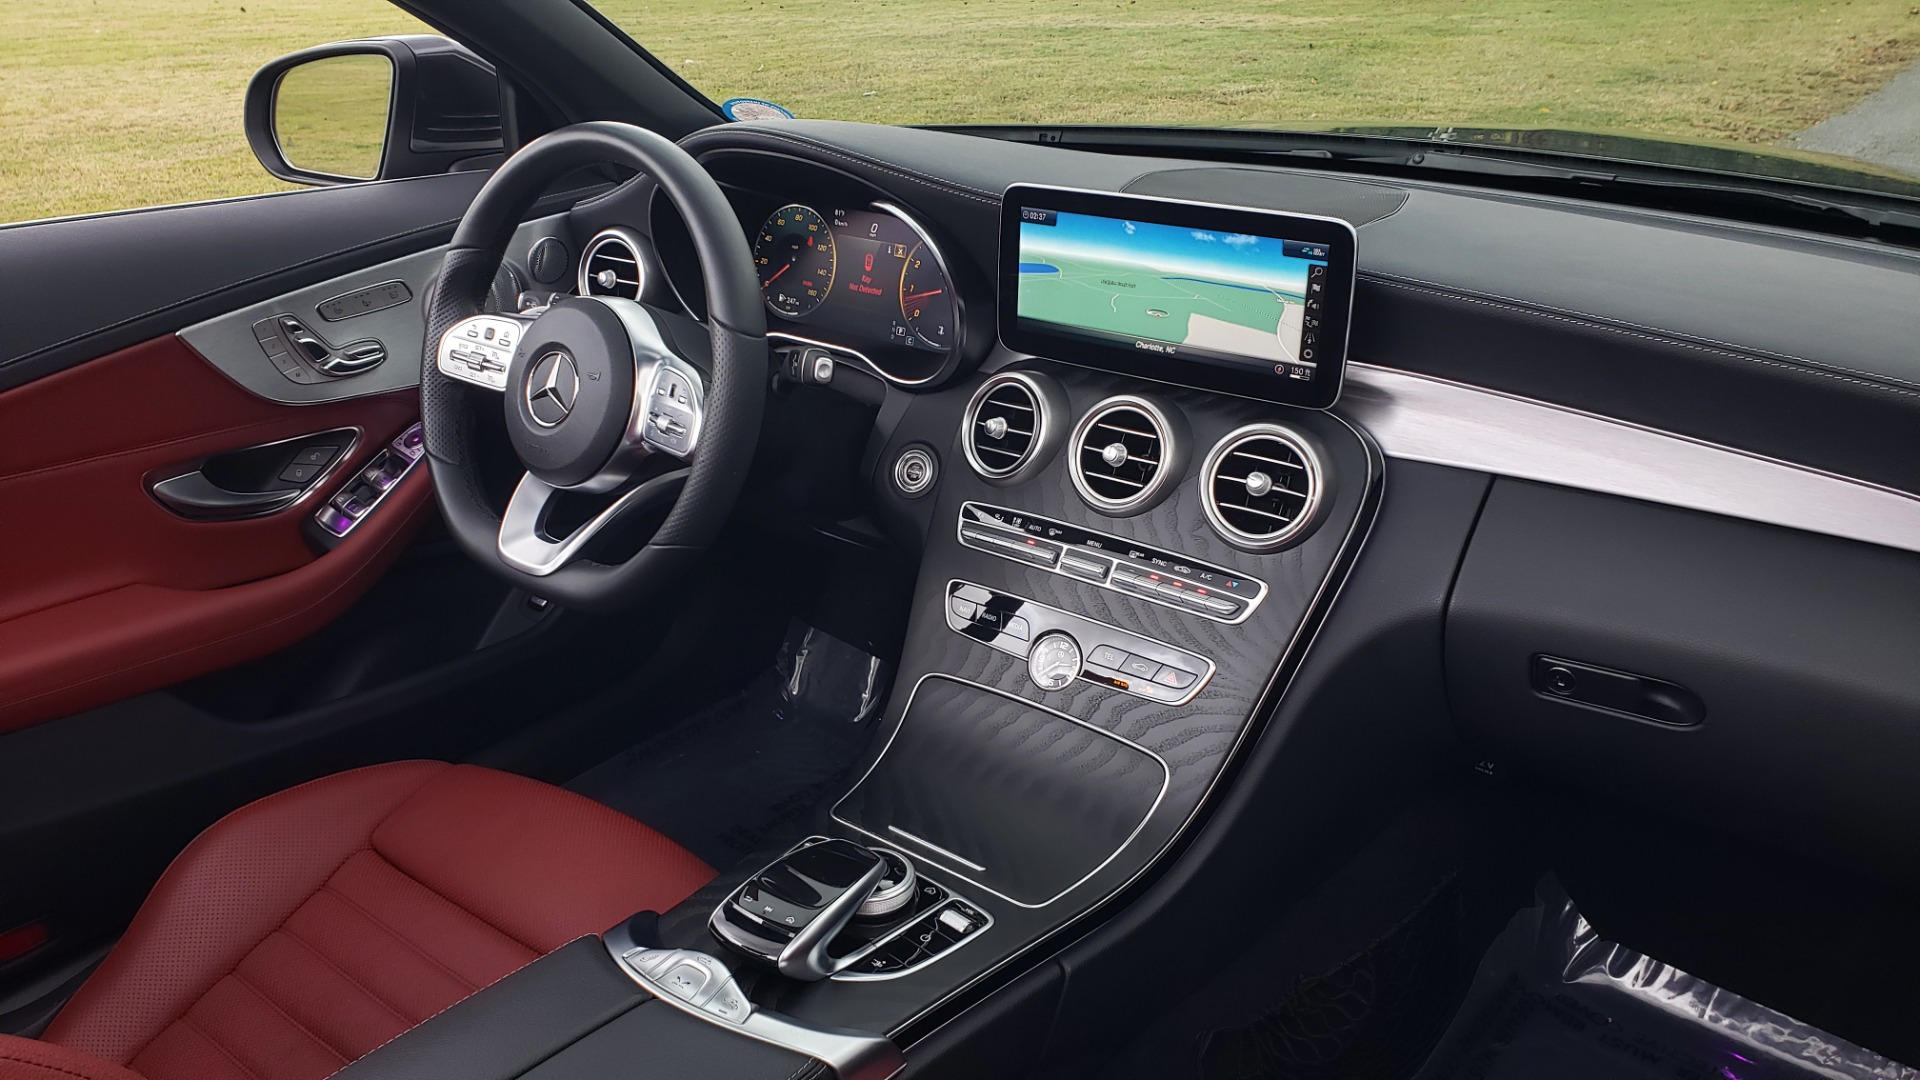 Used 2019 Mercedes-Benz C-CLASS C 300 CABRIOLET / PREM PKG / NAV / BURMESTER / MULTIMEDIA for sale Sold at Formula Imports in Charlotte NC 28227 74